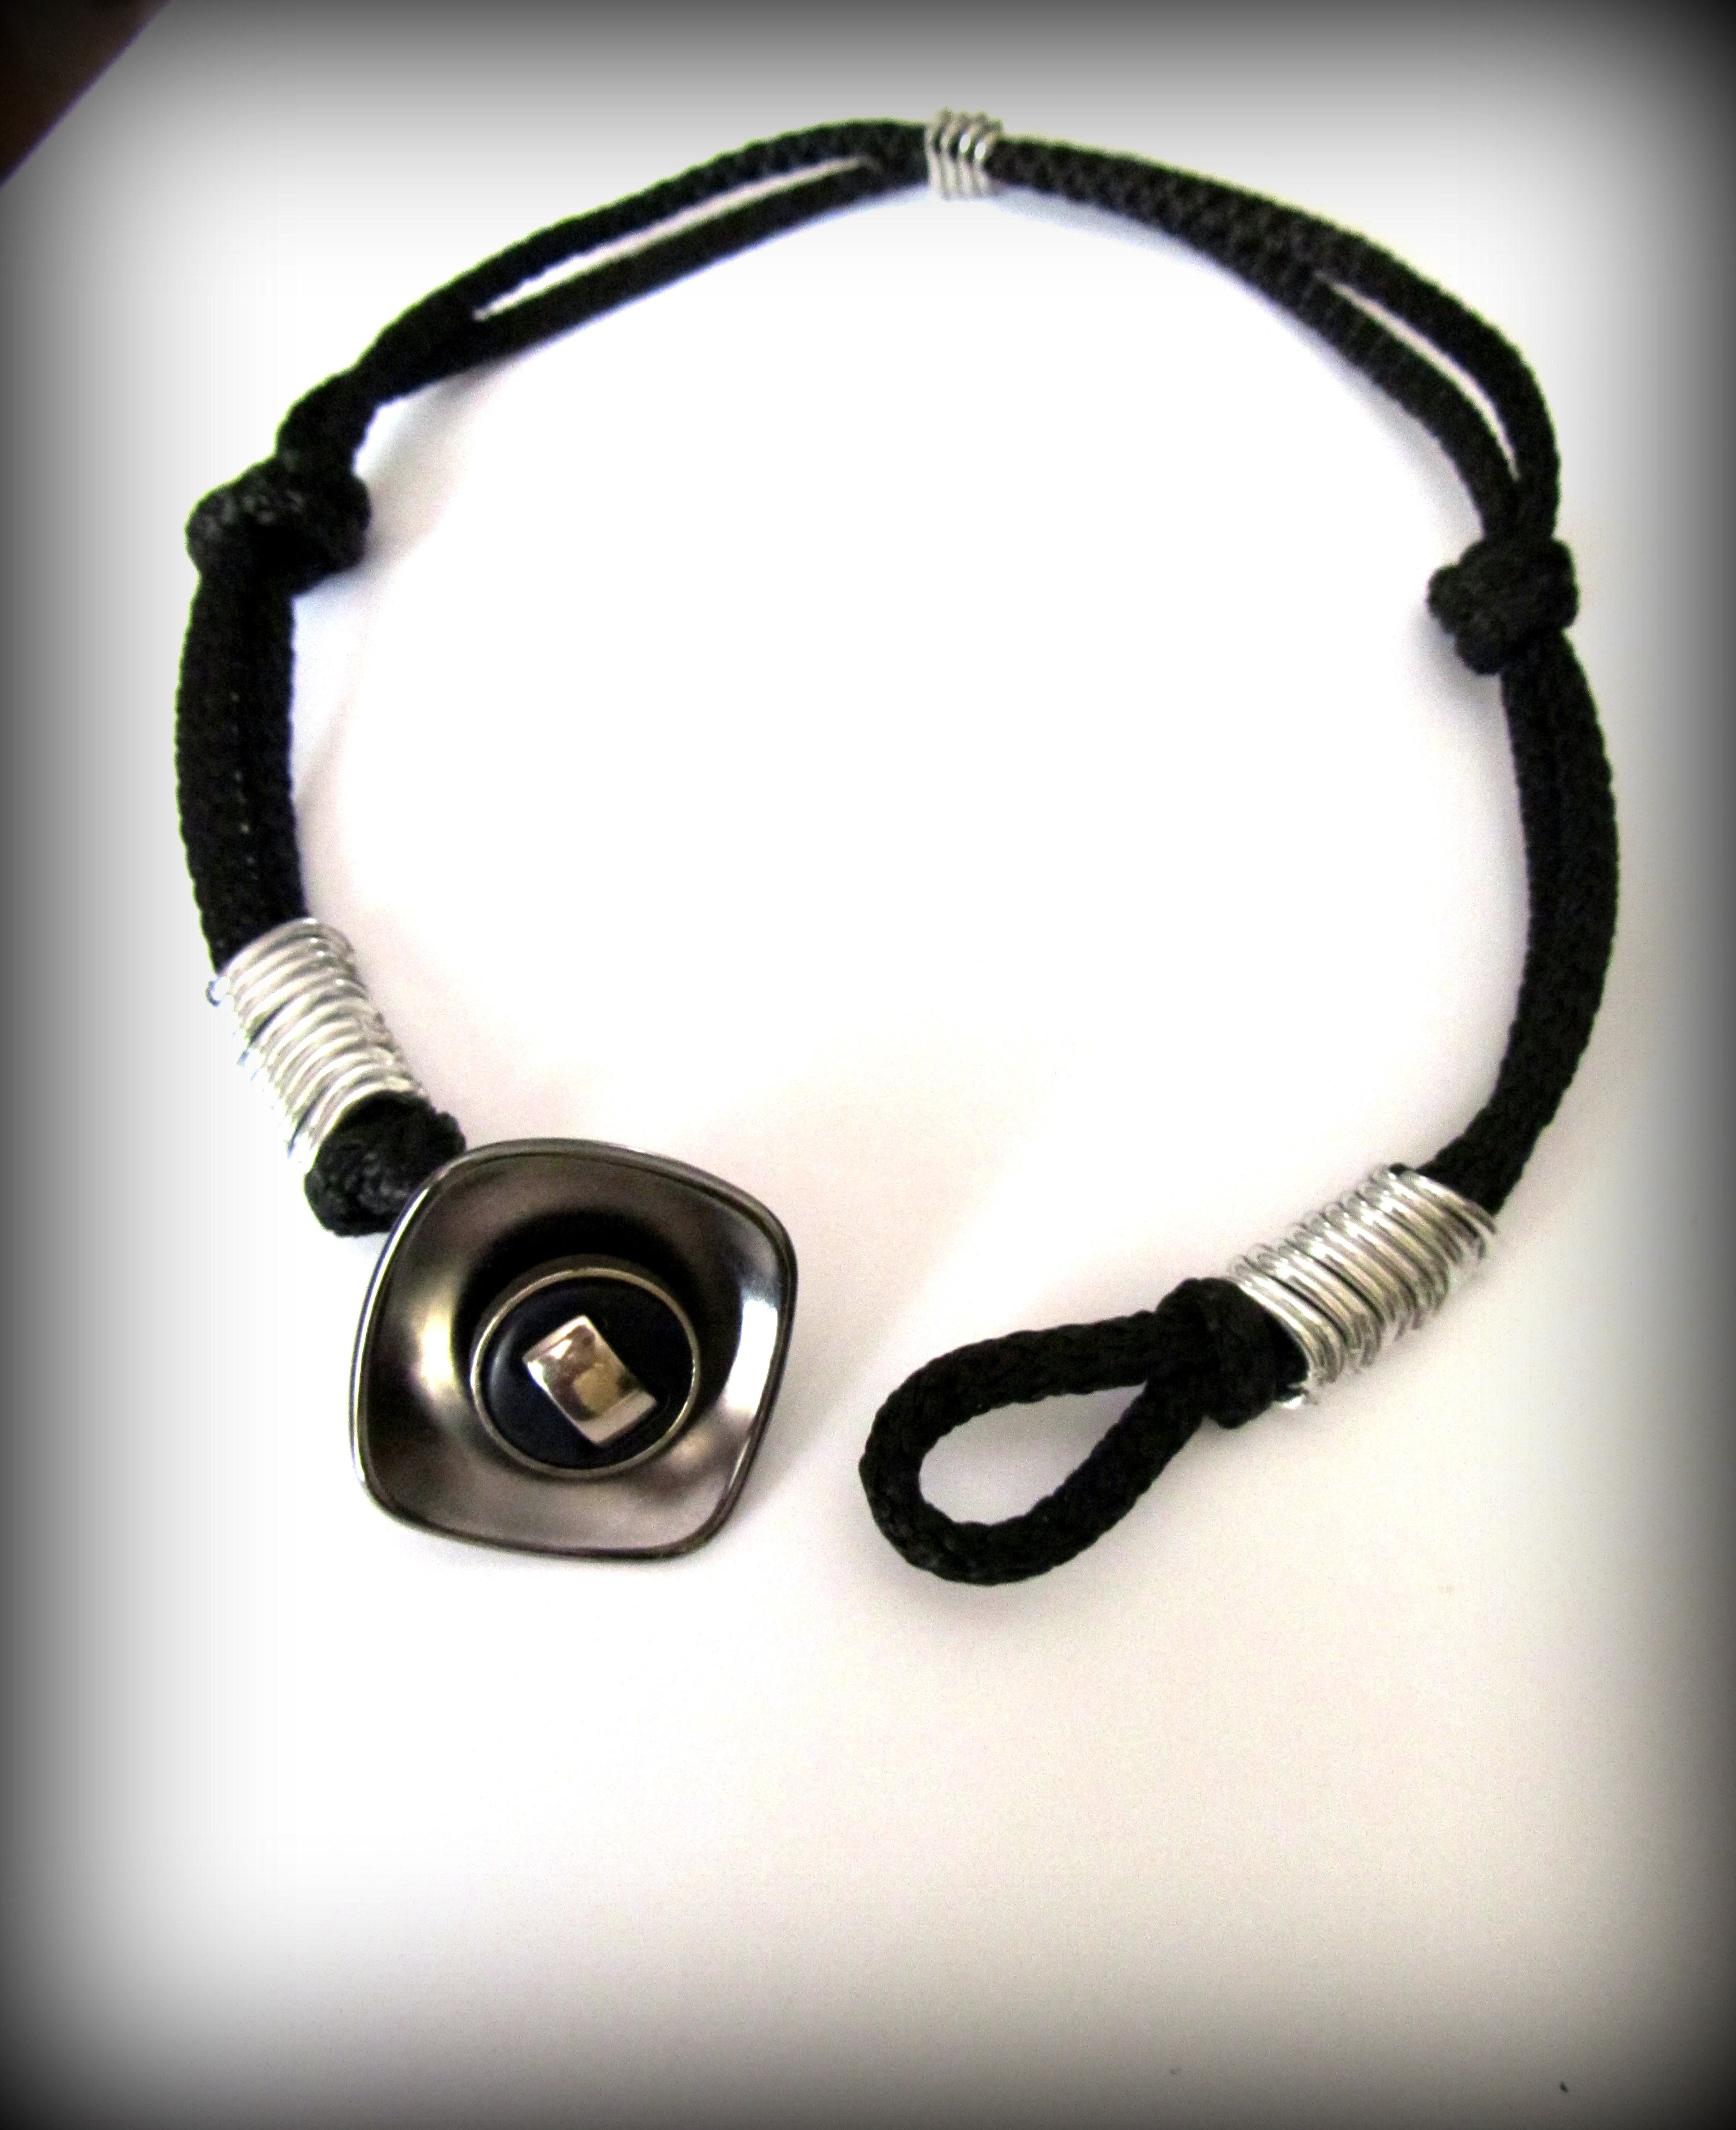 Ожерелье и / или браслет.